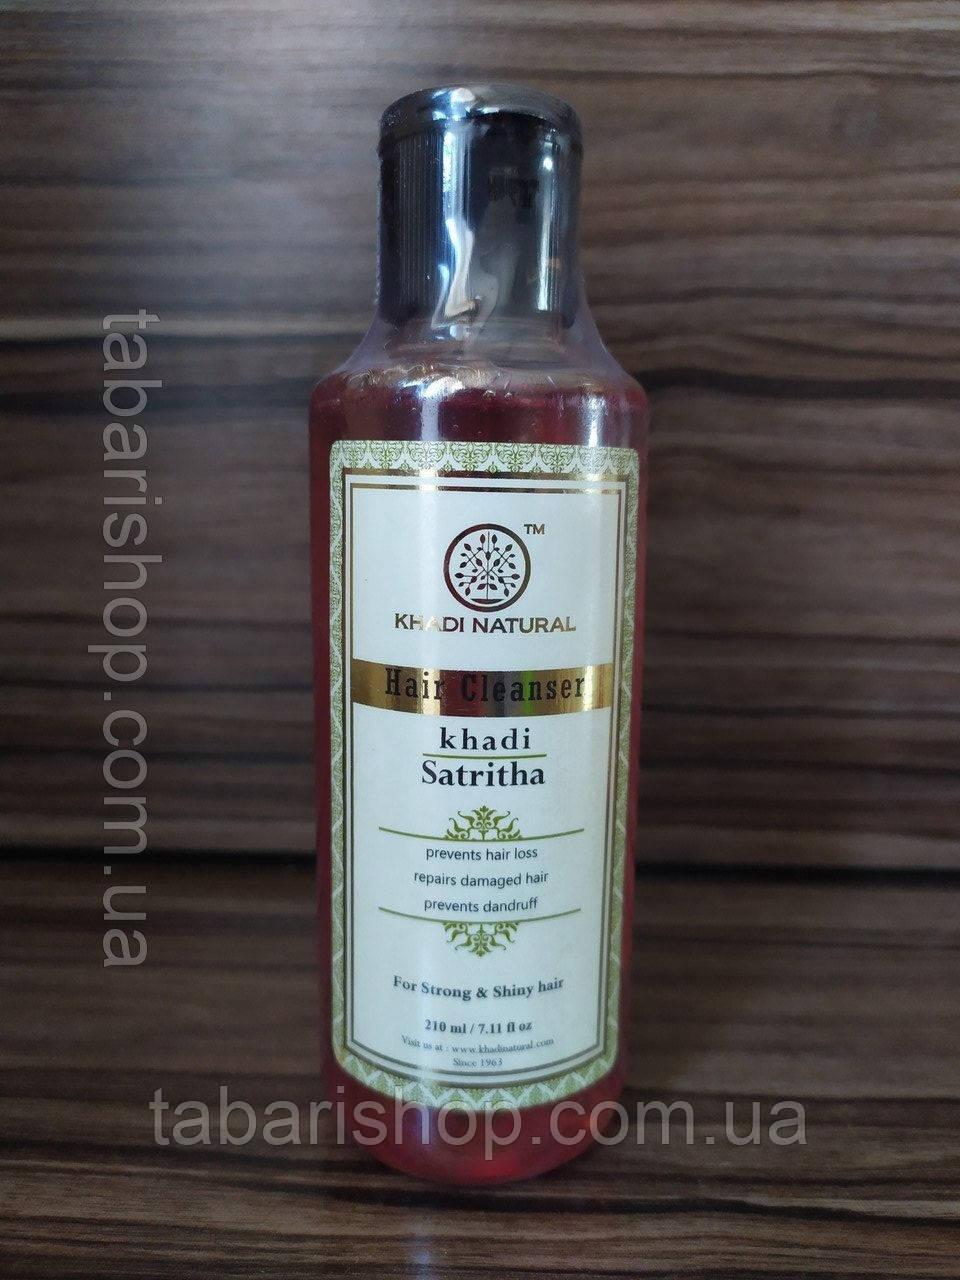 Шампунь Кхади Сатритха, Khadi Satritha Hair Cleanser, 210 мл